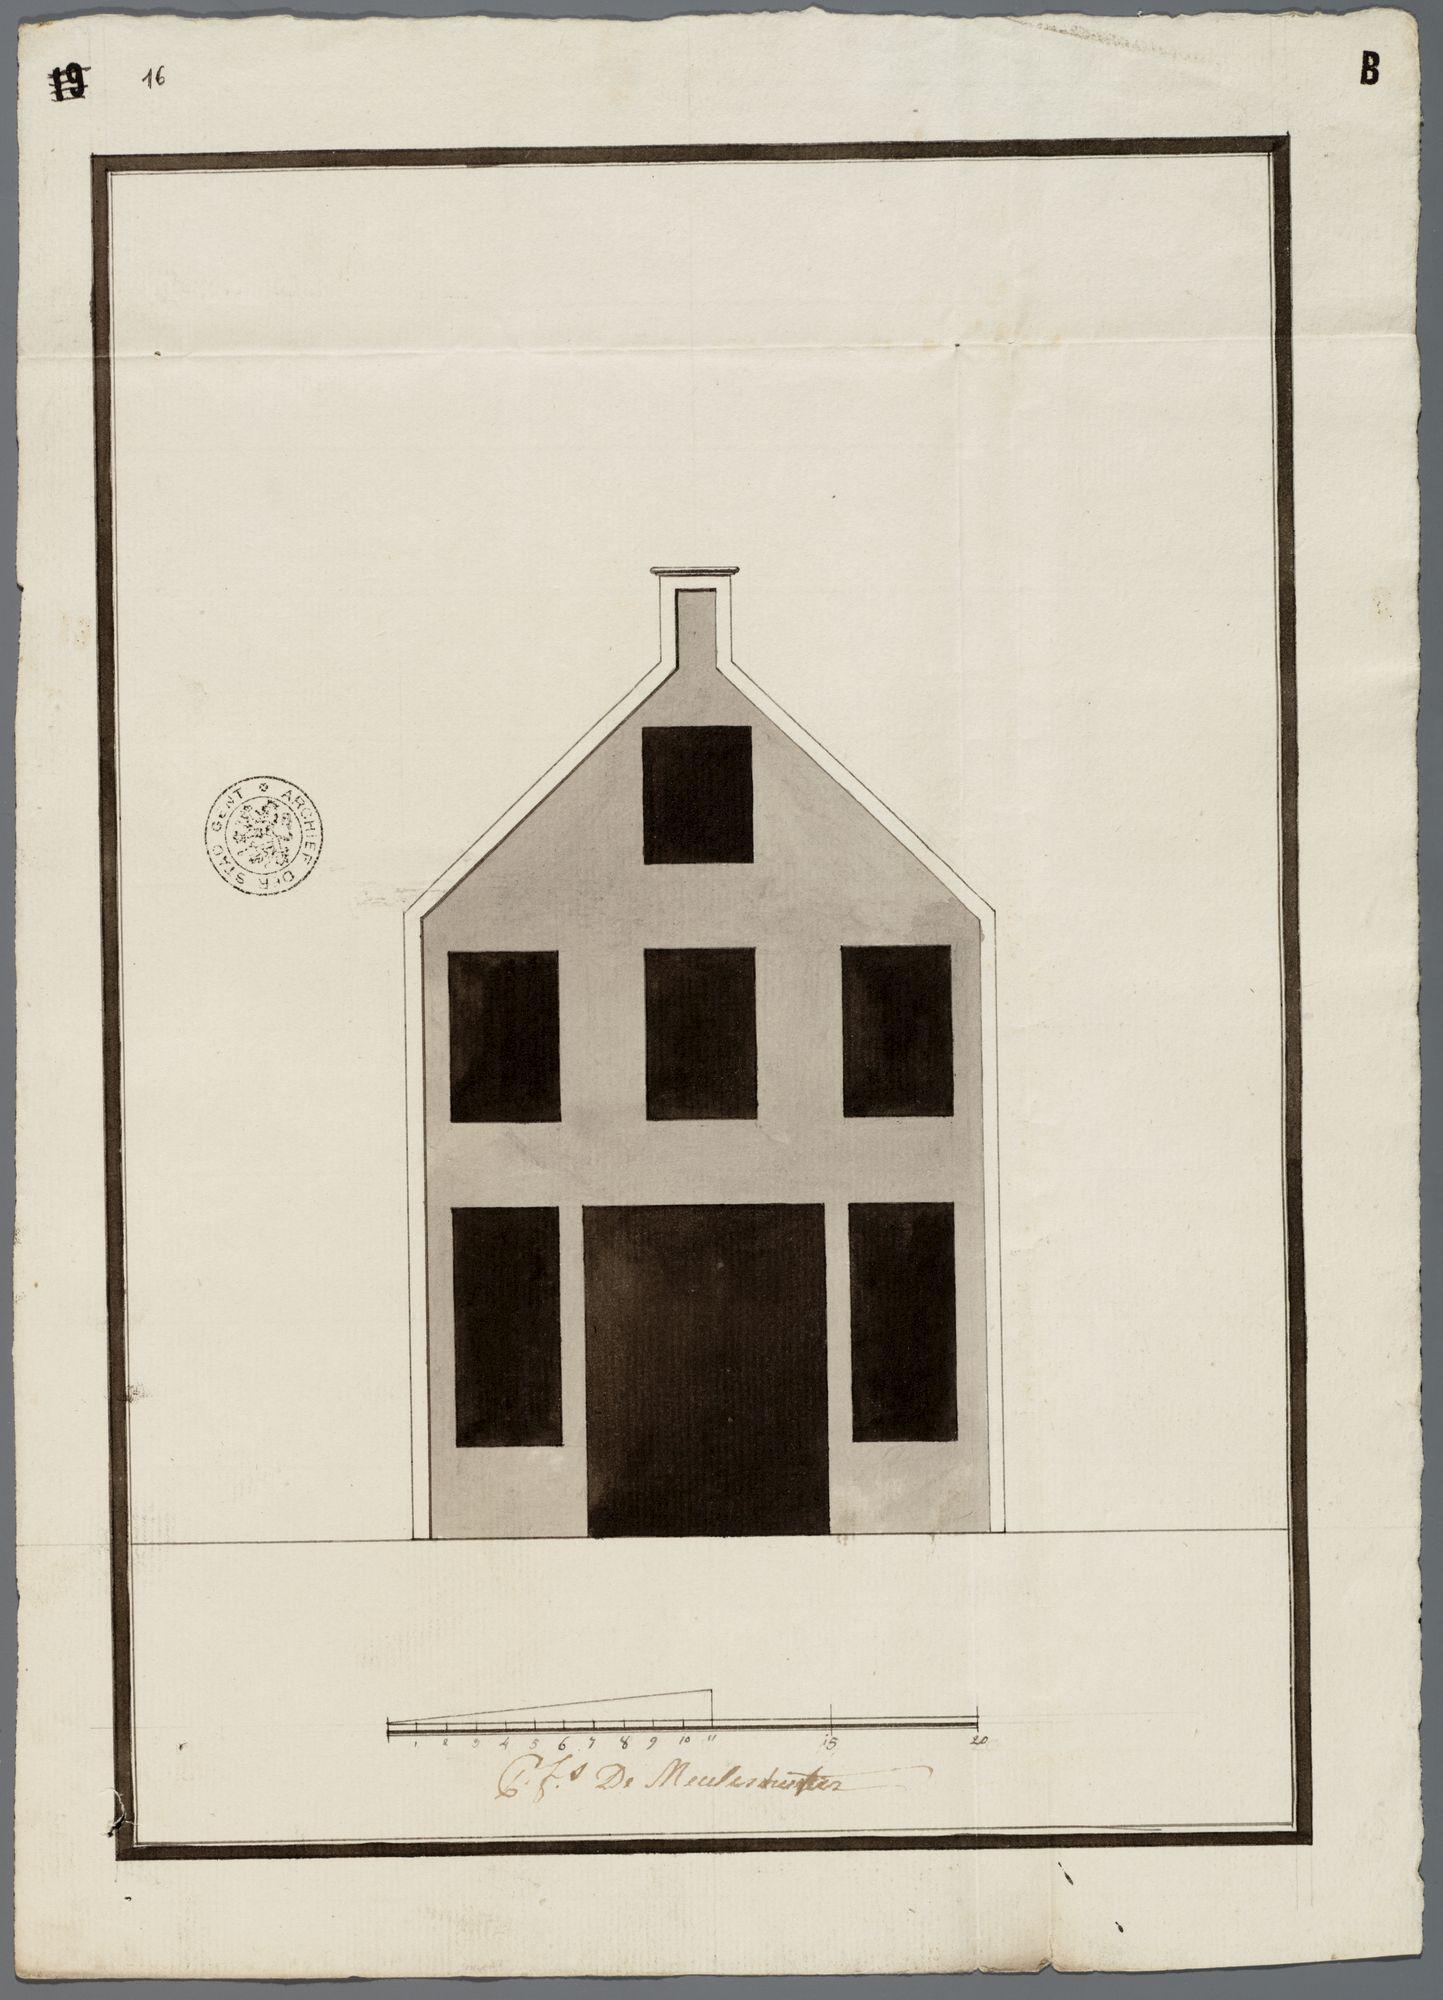 Gent: Sint-Katelijnestraat, 1787: opstand gevel